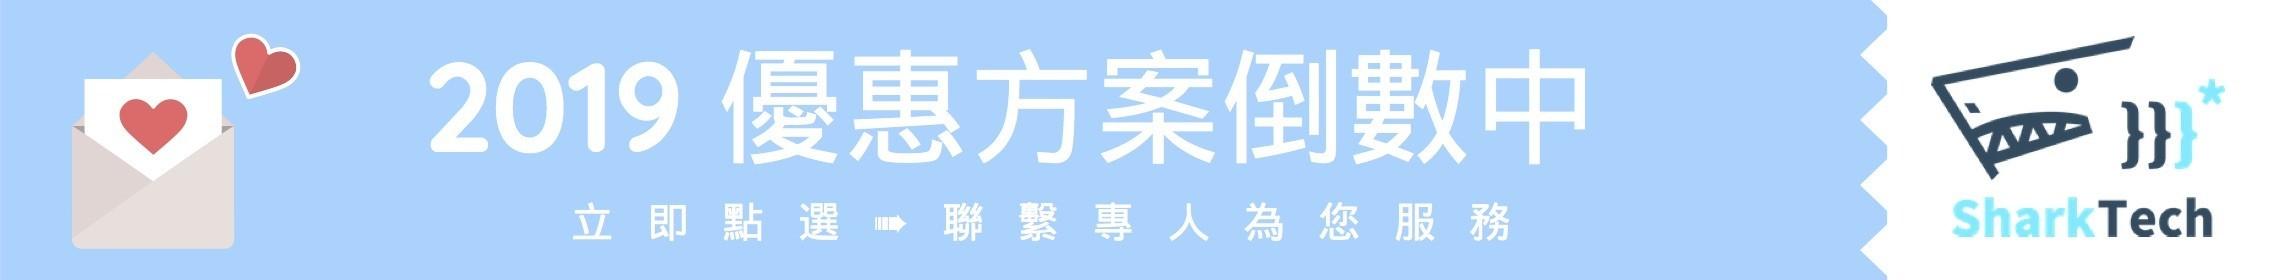 2019網站設計方案優惠倒數中-鯊客科技SEO優化網頁設計公司